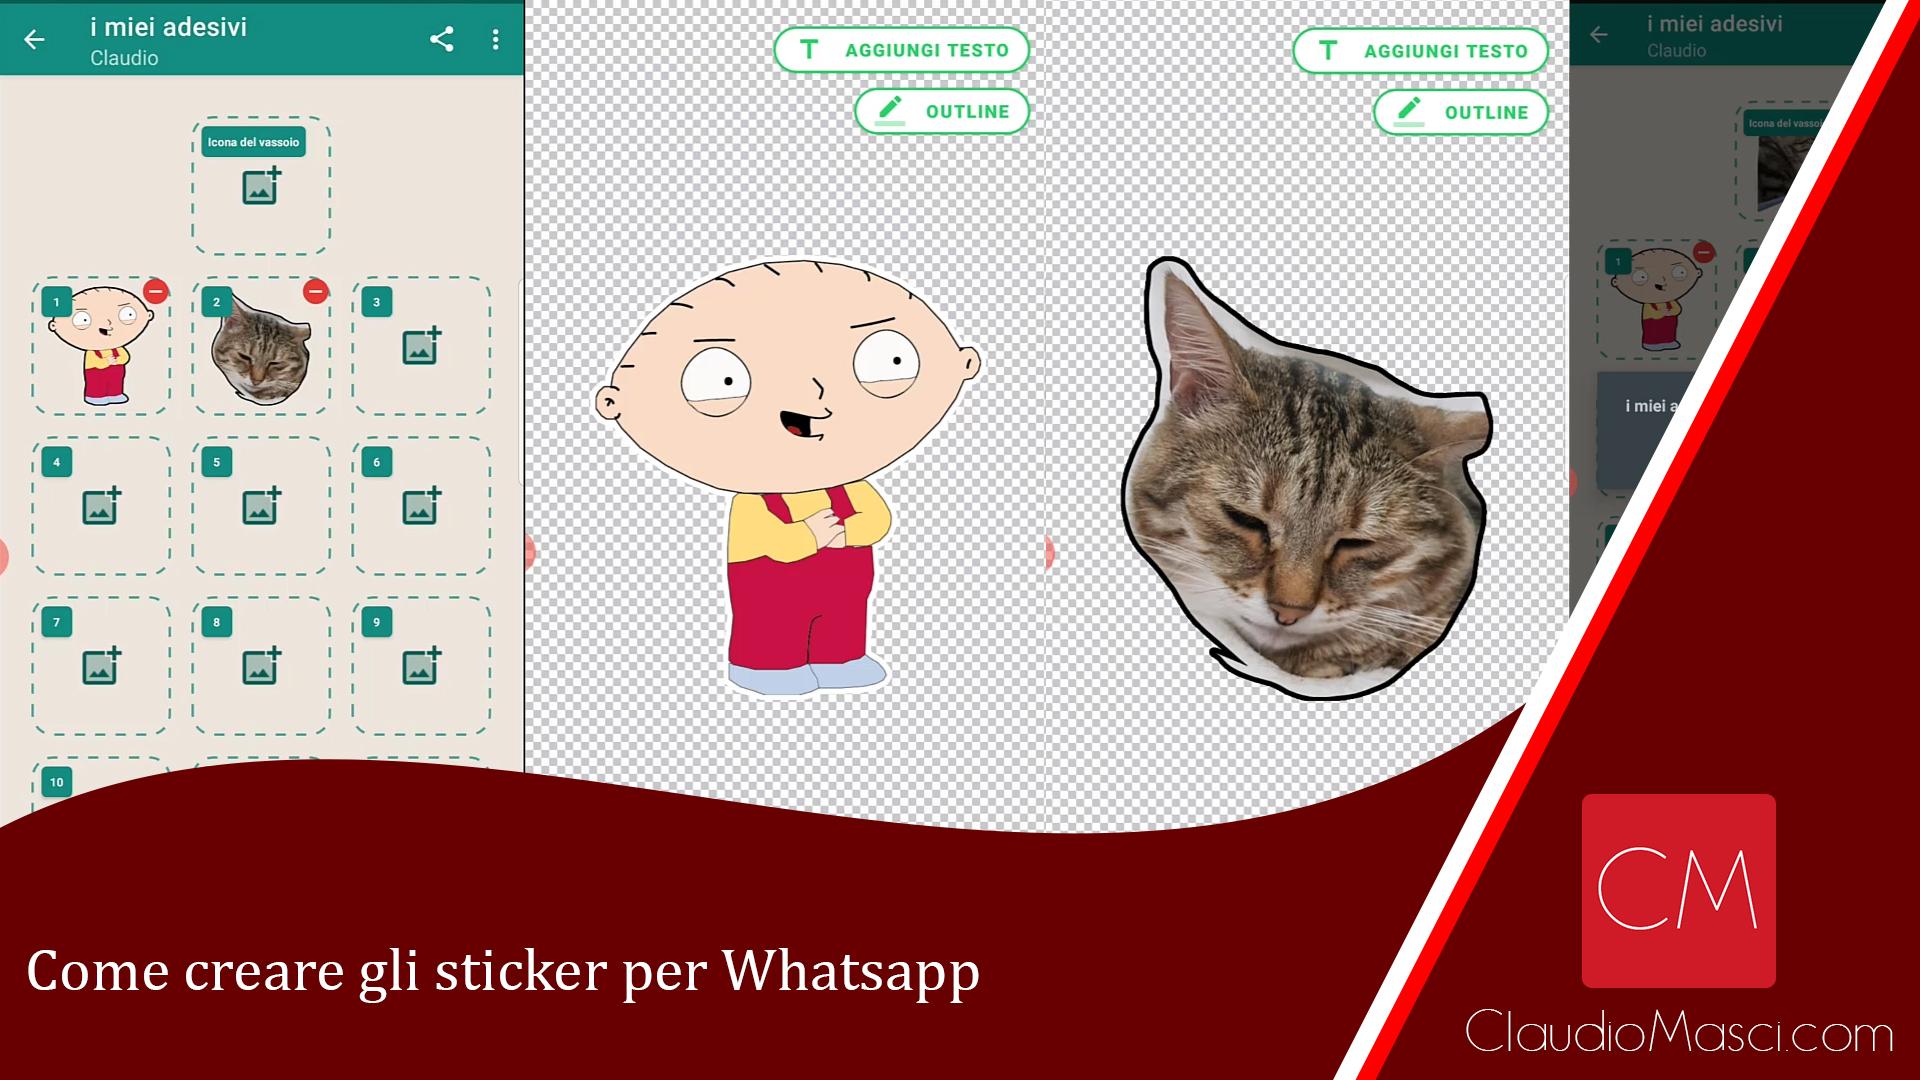 Come creare gli sticker per Whatsapp